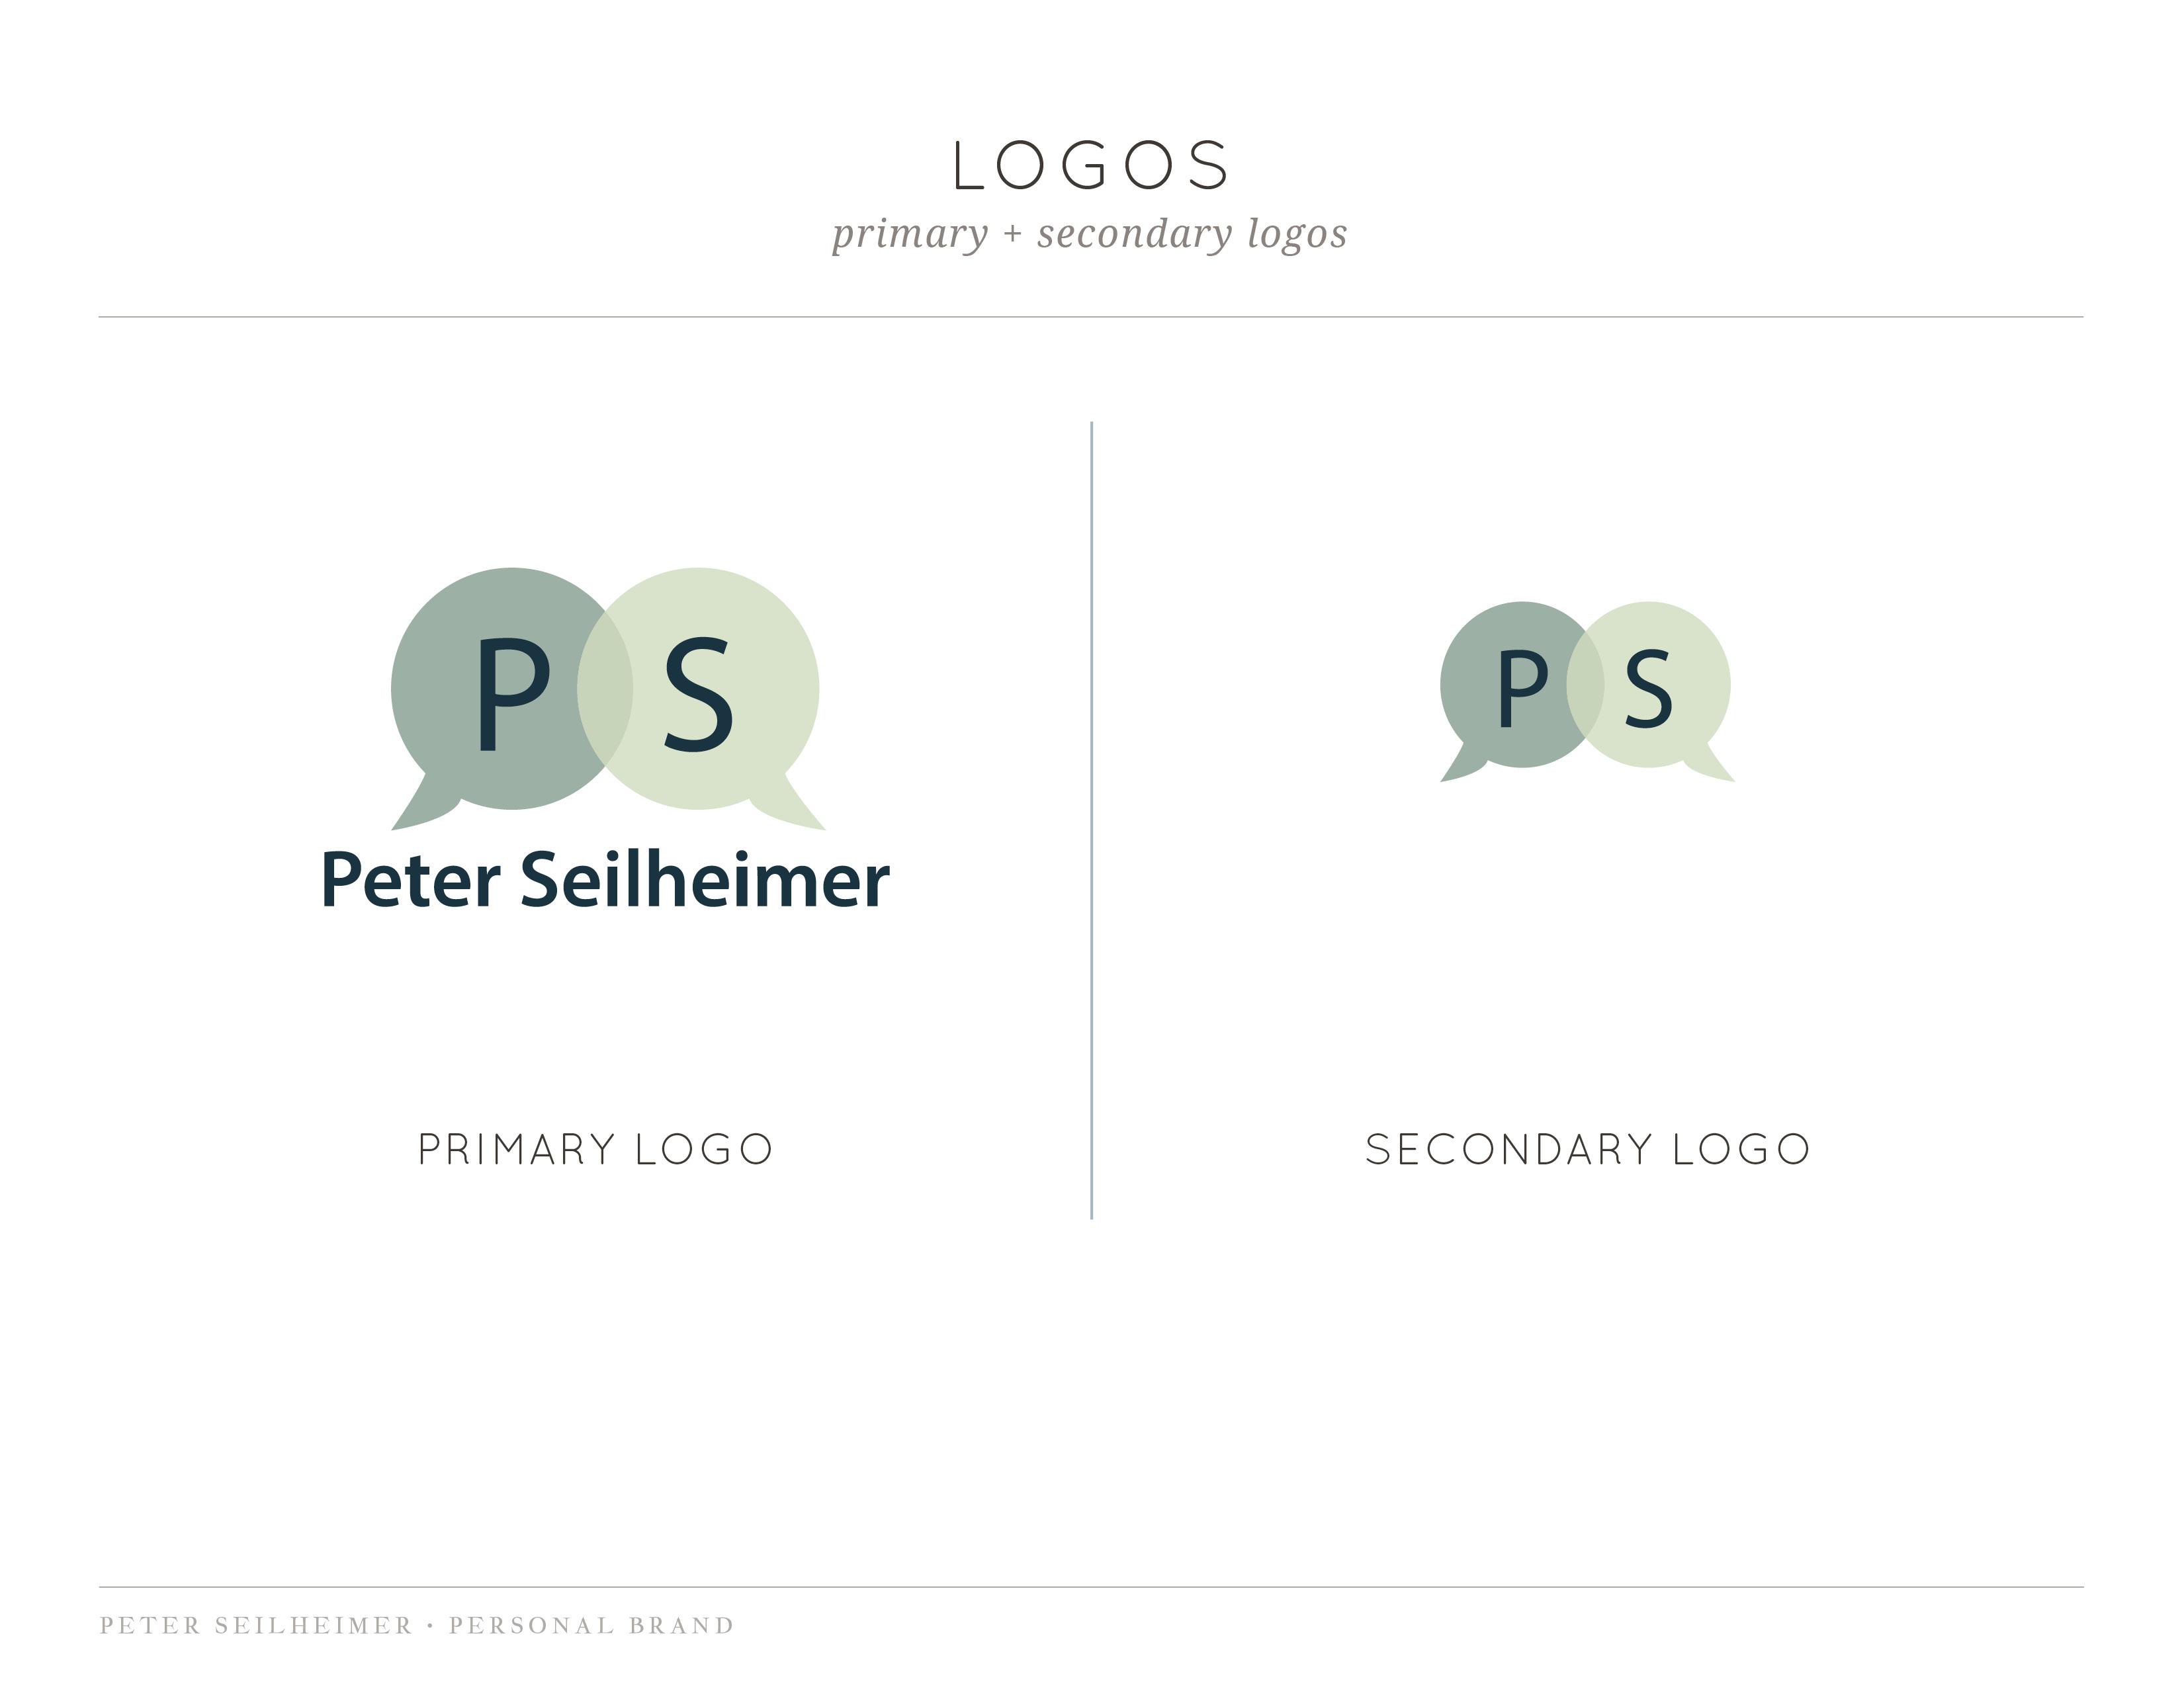 Client Presentation-Peter Seilheimer2